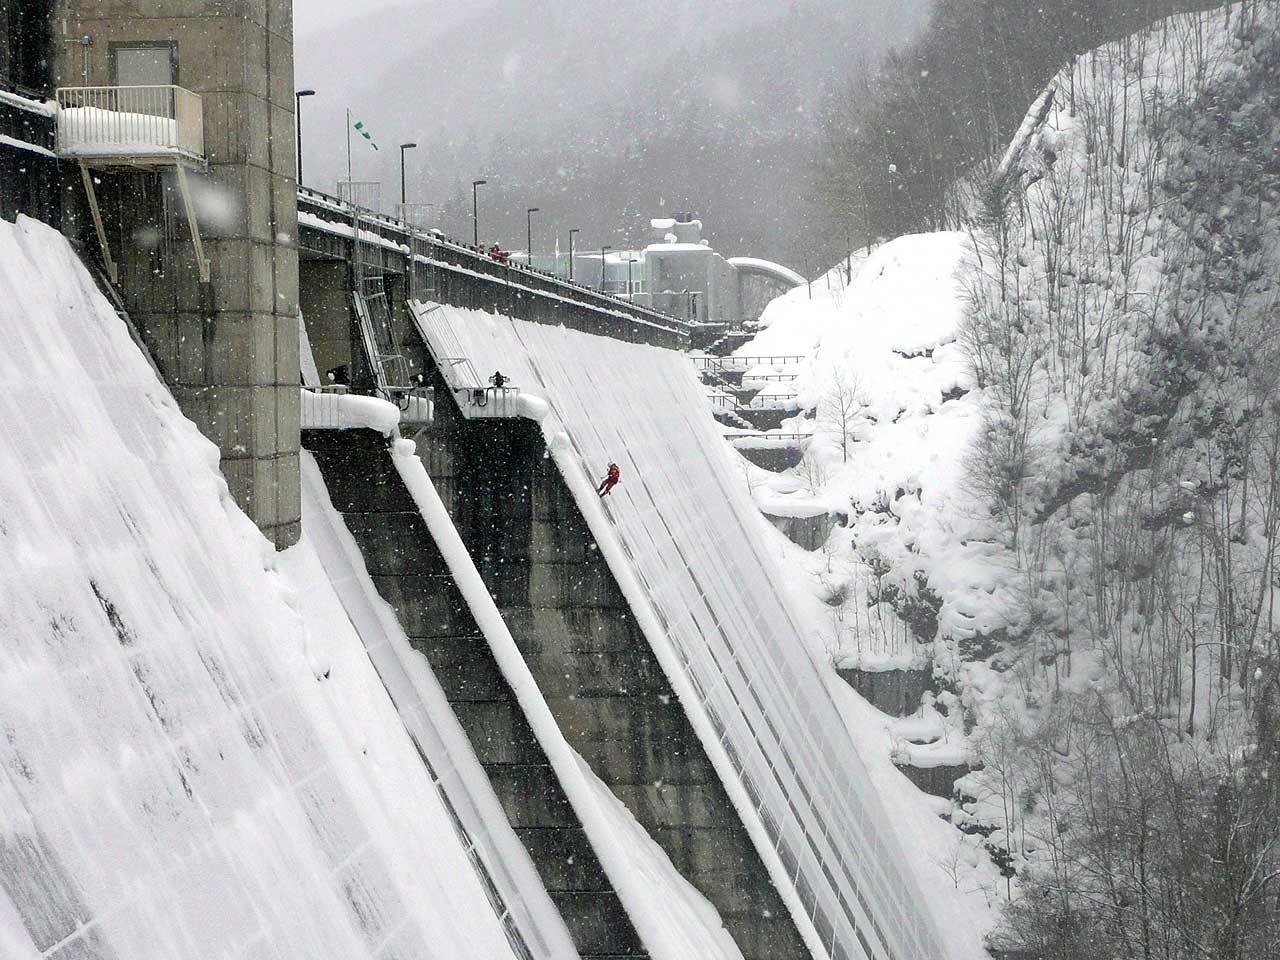 ダム調査の高所作業